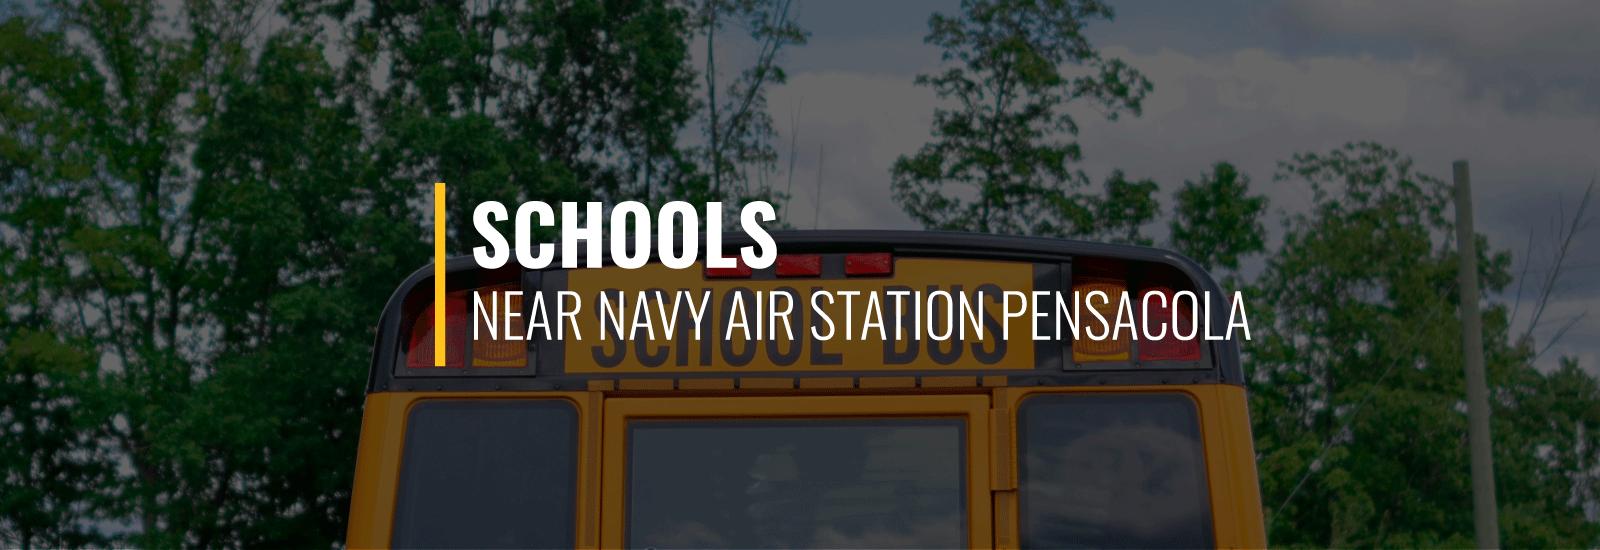 NAS Pensacola Schools